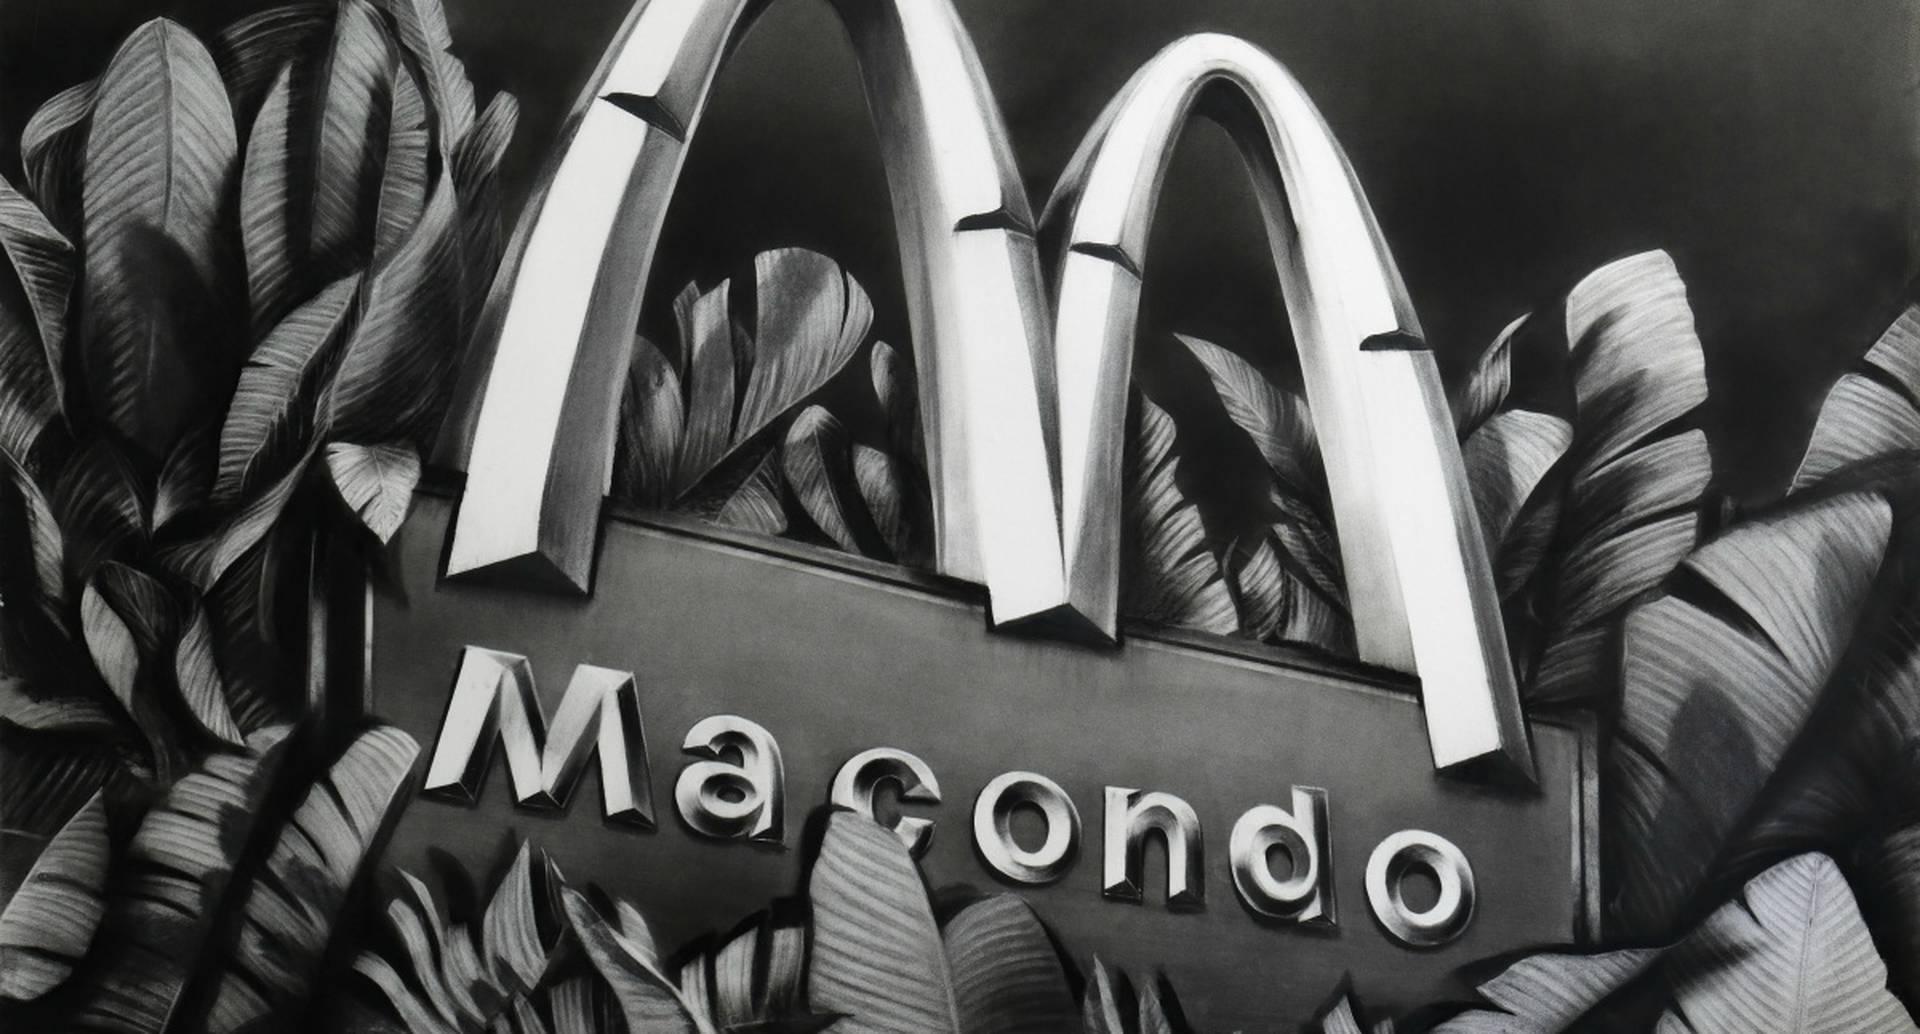 'Macondo' (2020), Gonzalo Fuenmayor. Magno carboncillo sobre papel. 152.4 x 177.8 cm.